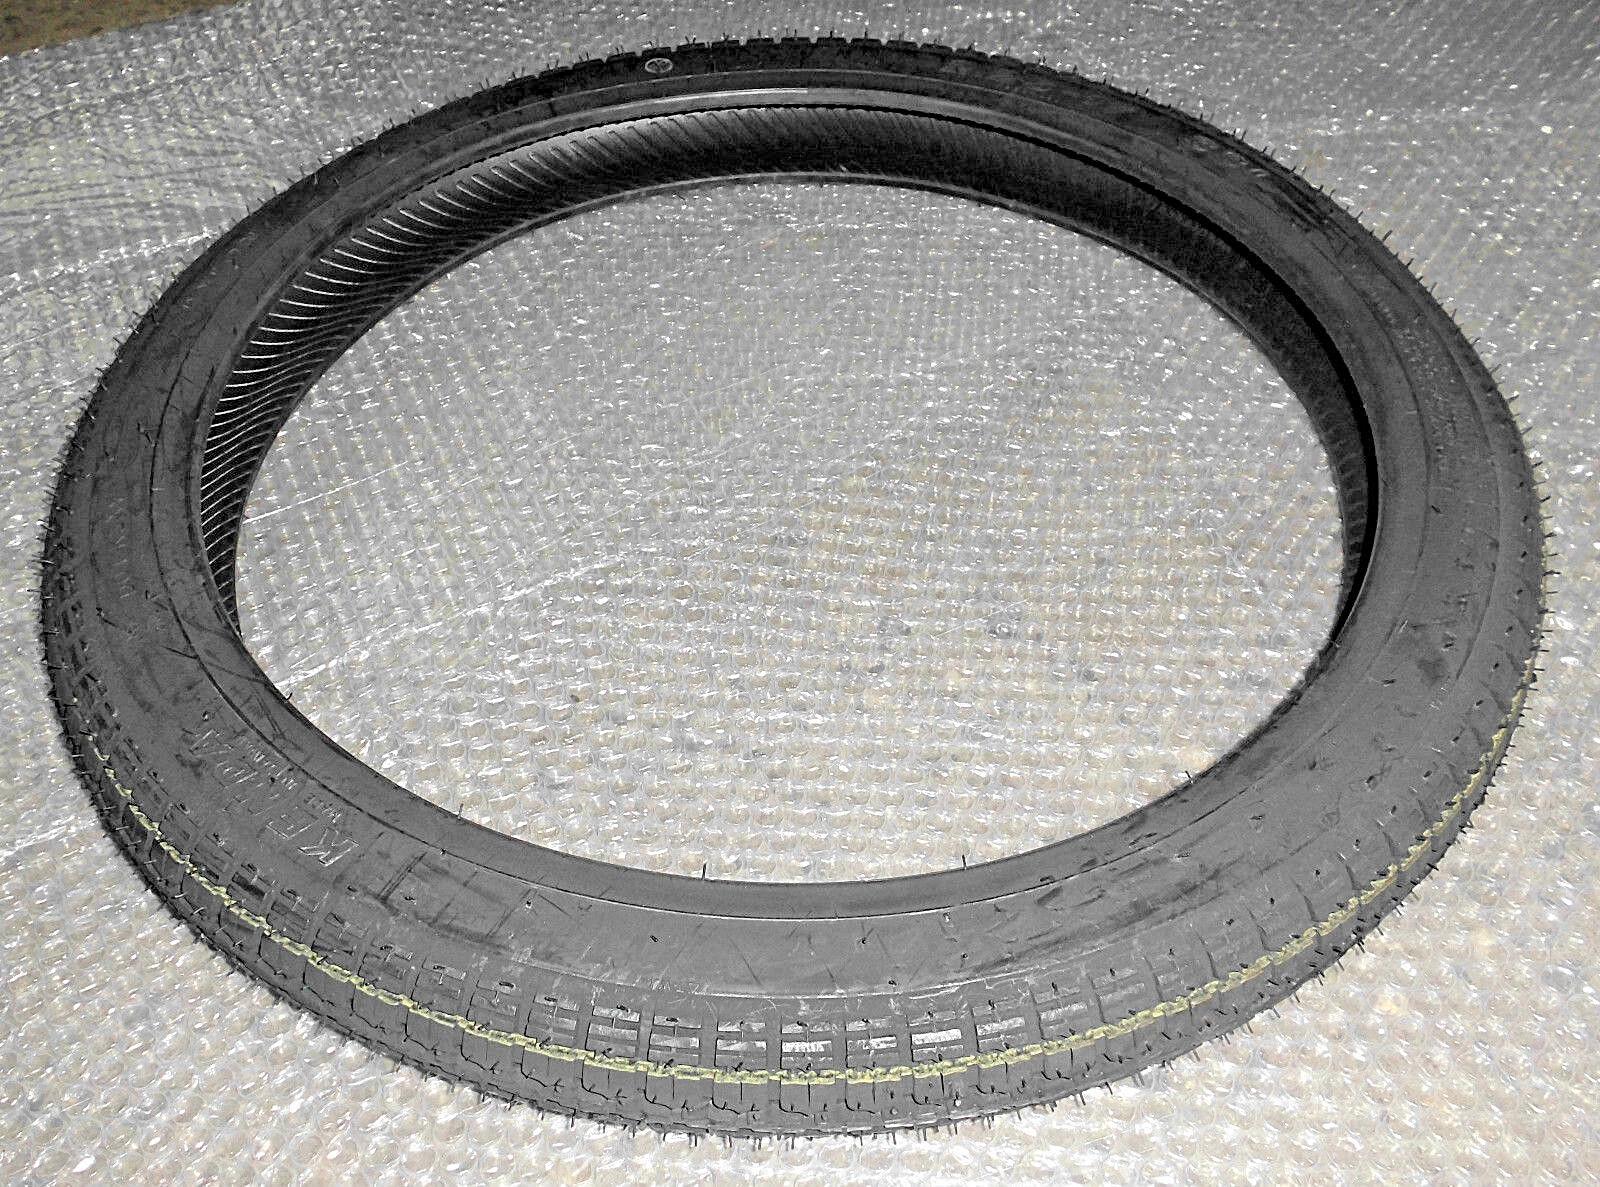 Peugeot 103 SP MVL Marken Schlauch für 17 Zoll Reifen NEU